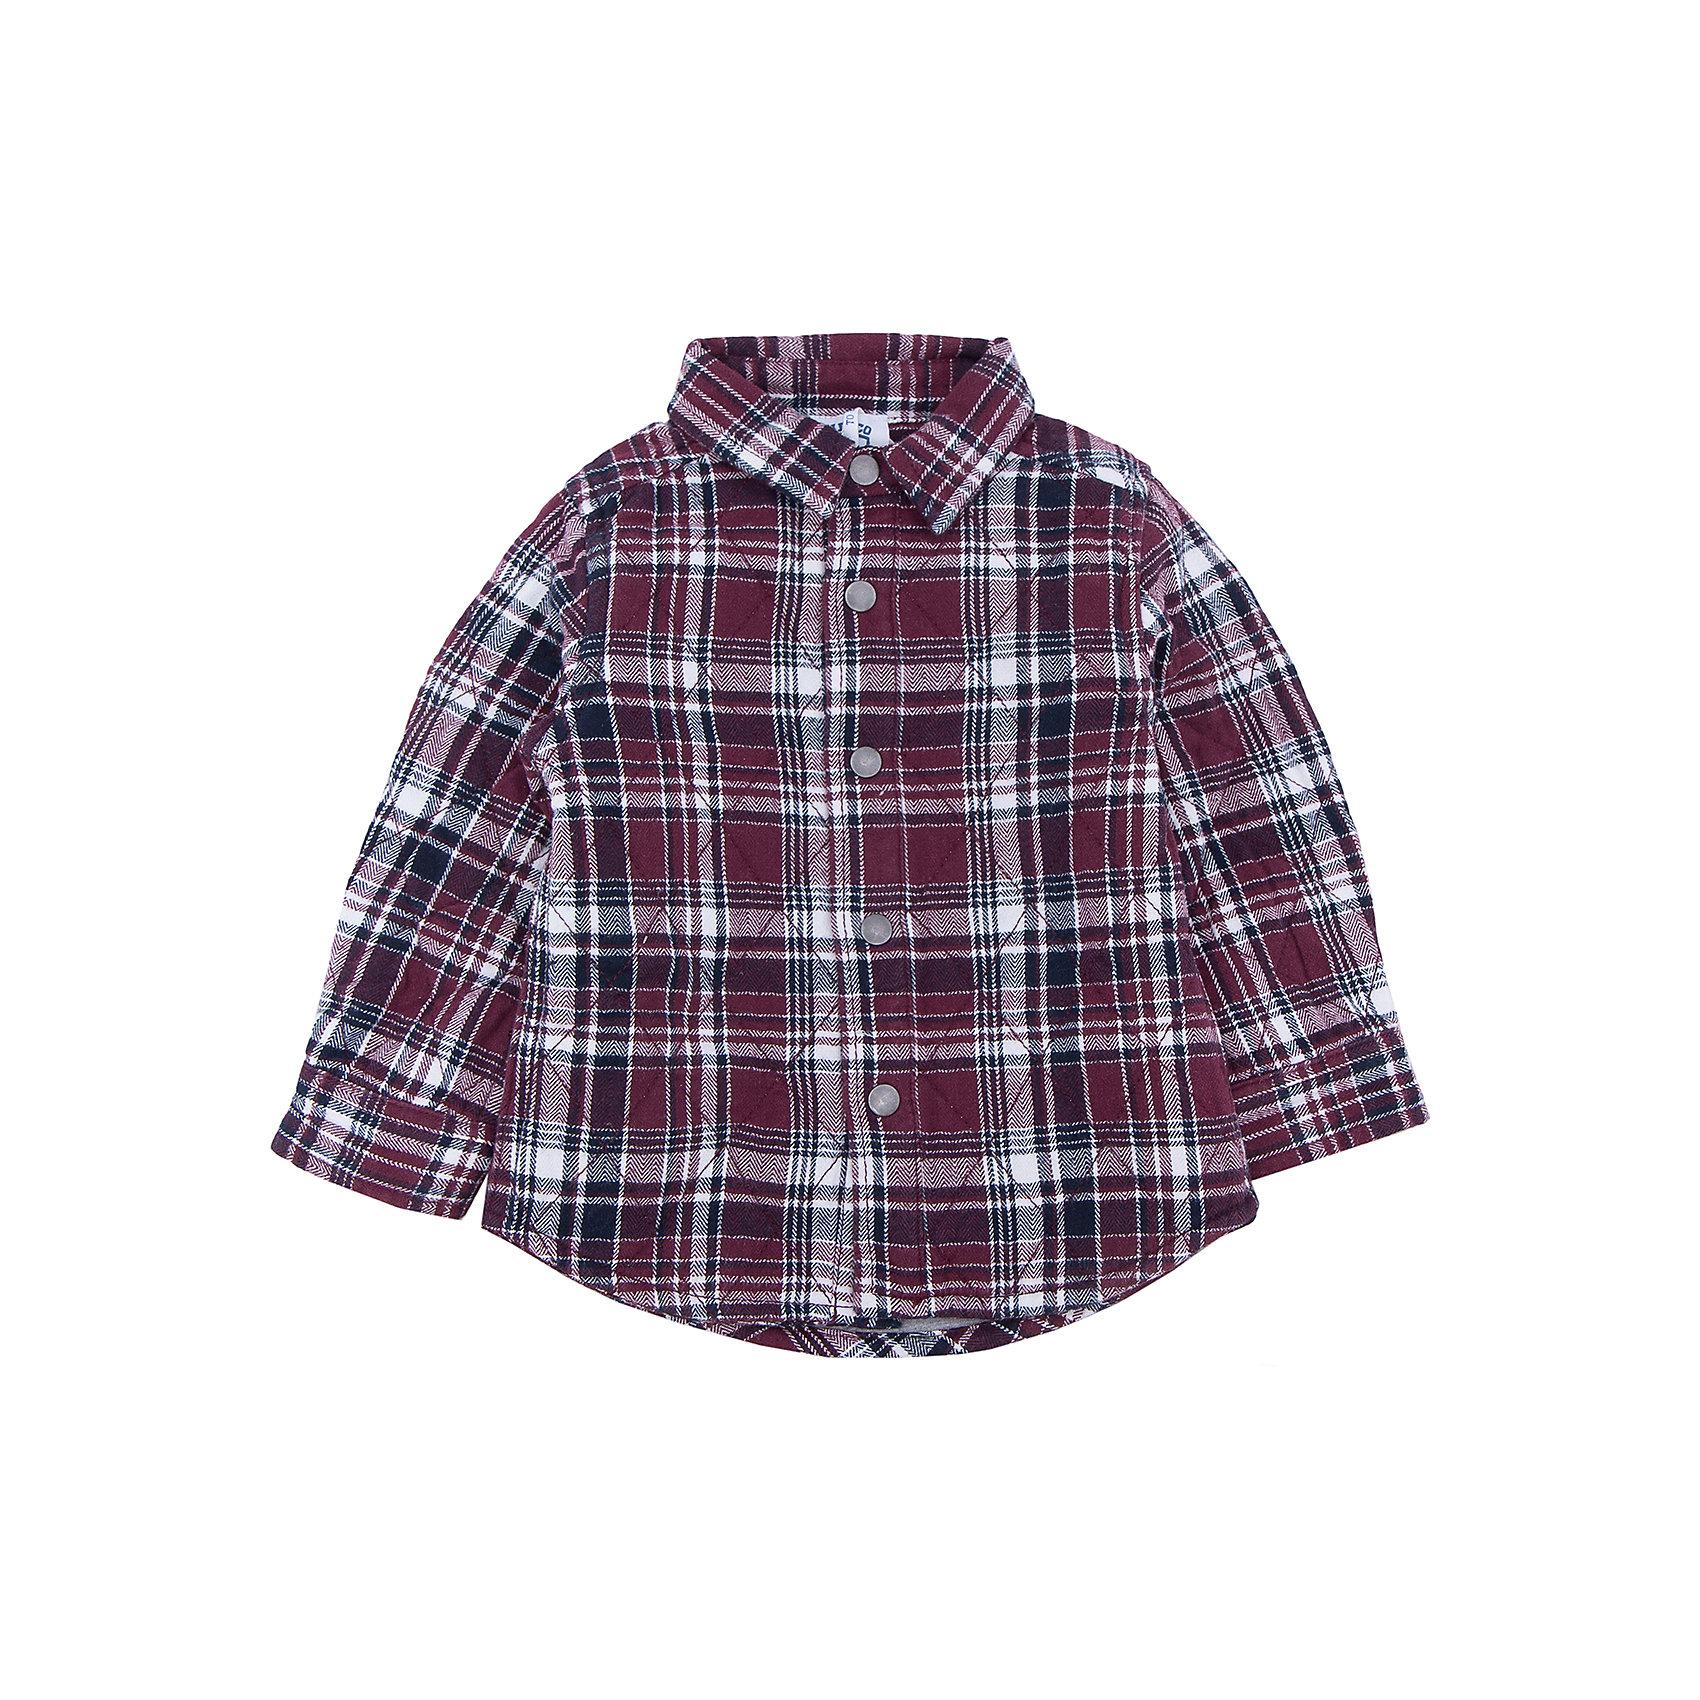 Рубашка   для мальчика CHICCOКофточки и распашонки<br>Рубашка CHICCO для мальчика<br><br>Характеристики:<br><br>Материал: хлопковая ткань<br>Силуэт: свободный<br>Тип застежки: кнопки<br>Длина рукава: длинные<br>Тип карманов: без карманов<br>Принт: клетка, ромбы<br><br>Состав: 100% хлопок<br><br>Рубашку CHICCO для мальчика можно купить в нашем интернет-магазине.<br><br>Ширина мм: 190<br>Глубина мм: 74<br>Высота мм: 229<br>Вес г: 236<br>Цвет: синий<br>Возраст от месяцев: 24<br>Возраст до месяцев: 36<br>Пол: Мужской<br>Возраст: Детский<br>Размер: 98,104,110,116,122,128,74,80,86,92<br>SKU: 5082524